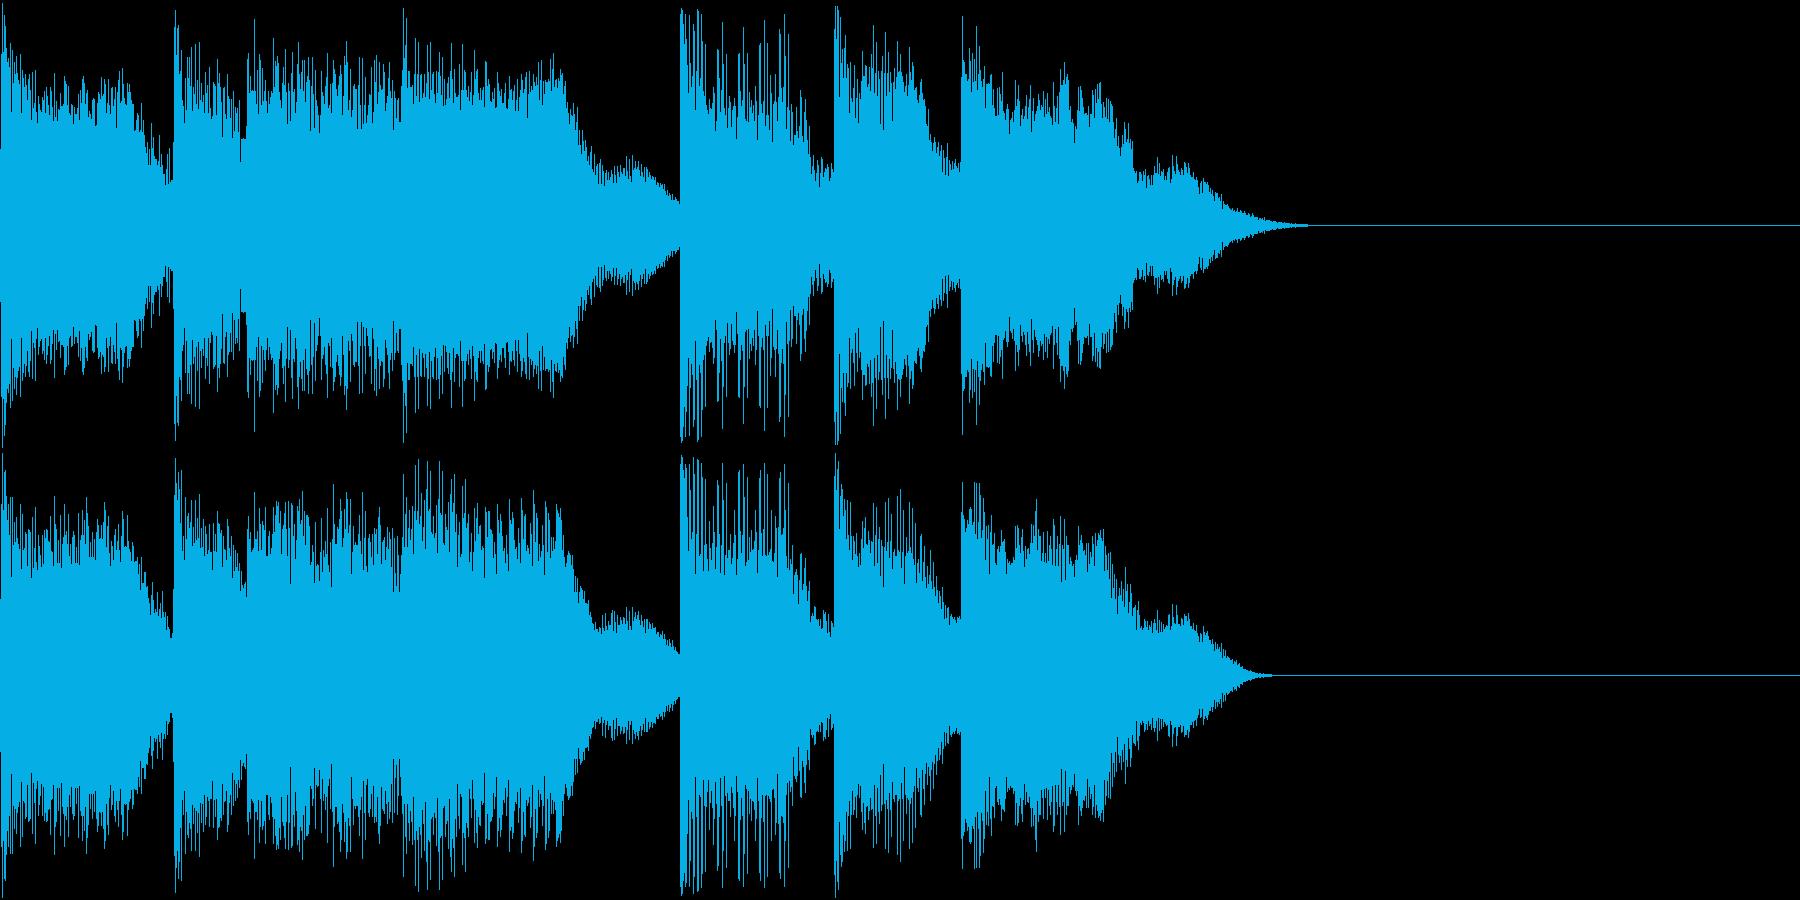 AI メカ/ロボ/マシン動作音 36の再生済みの波形